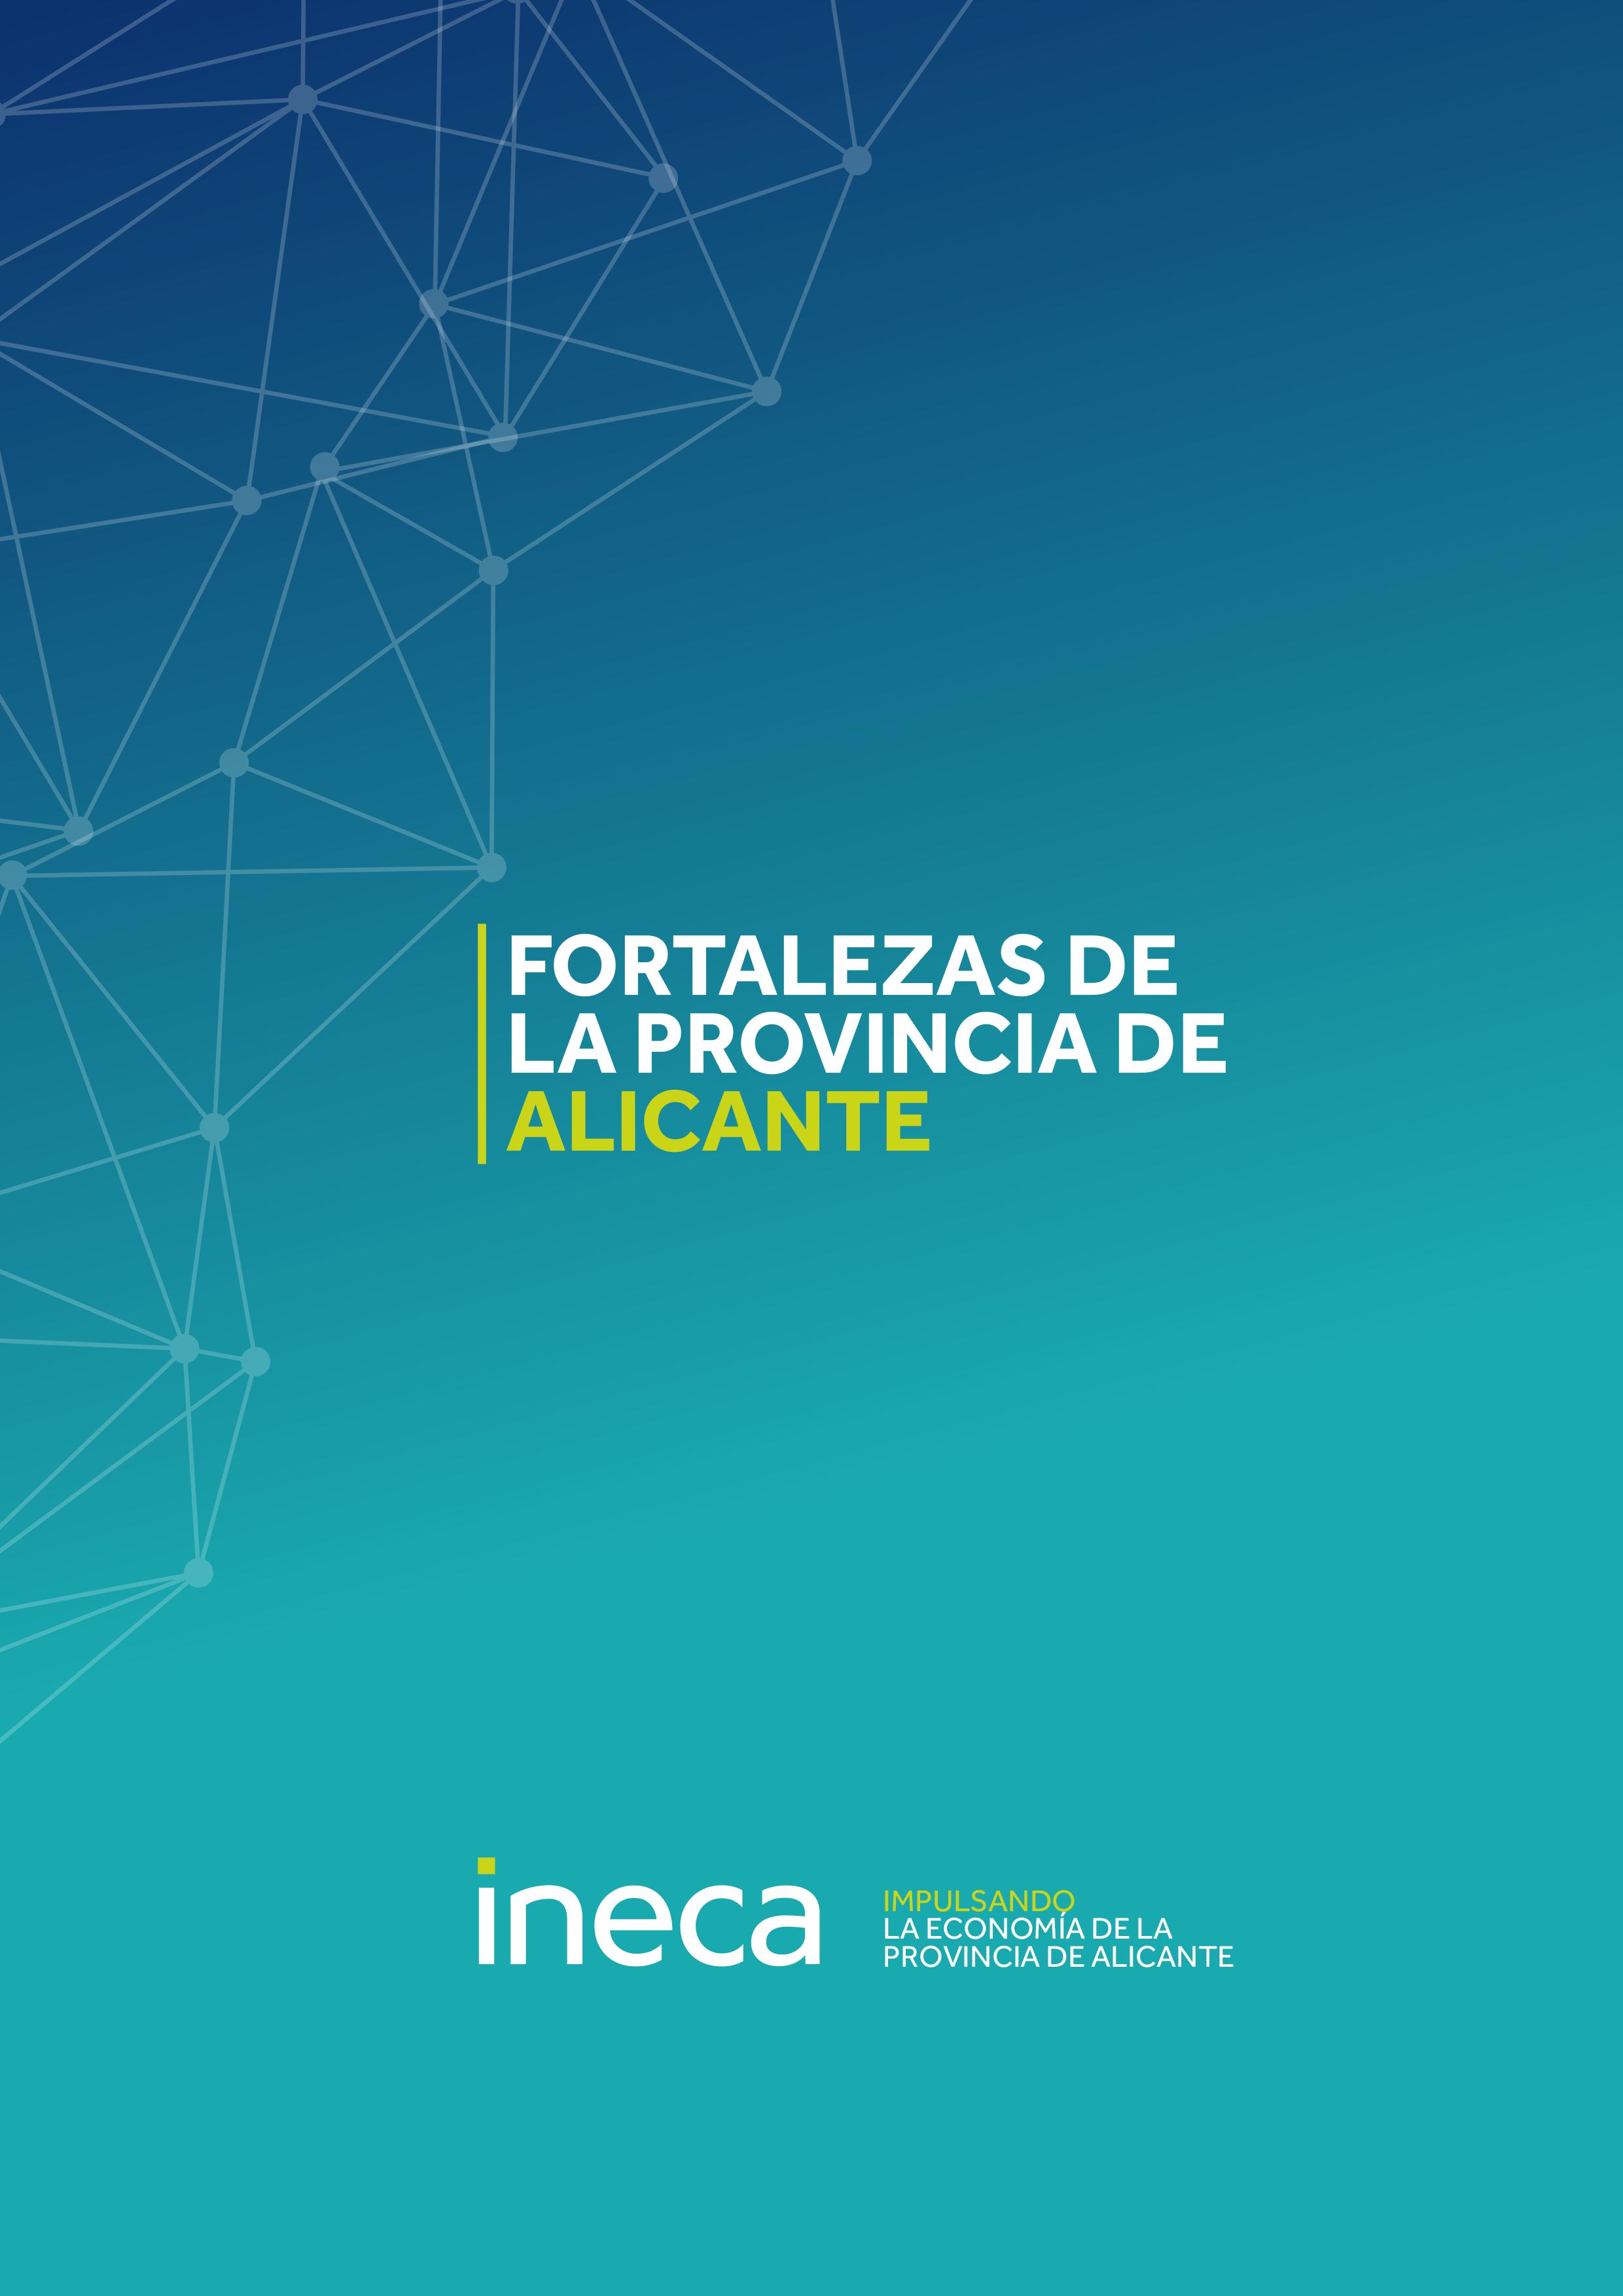 INECA-Estudio-fortalezas-1